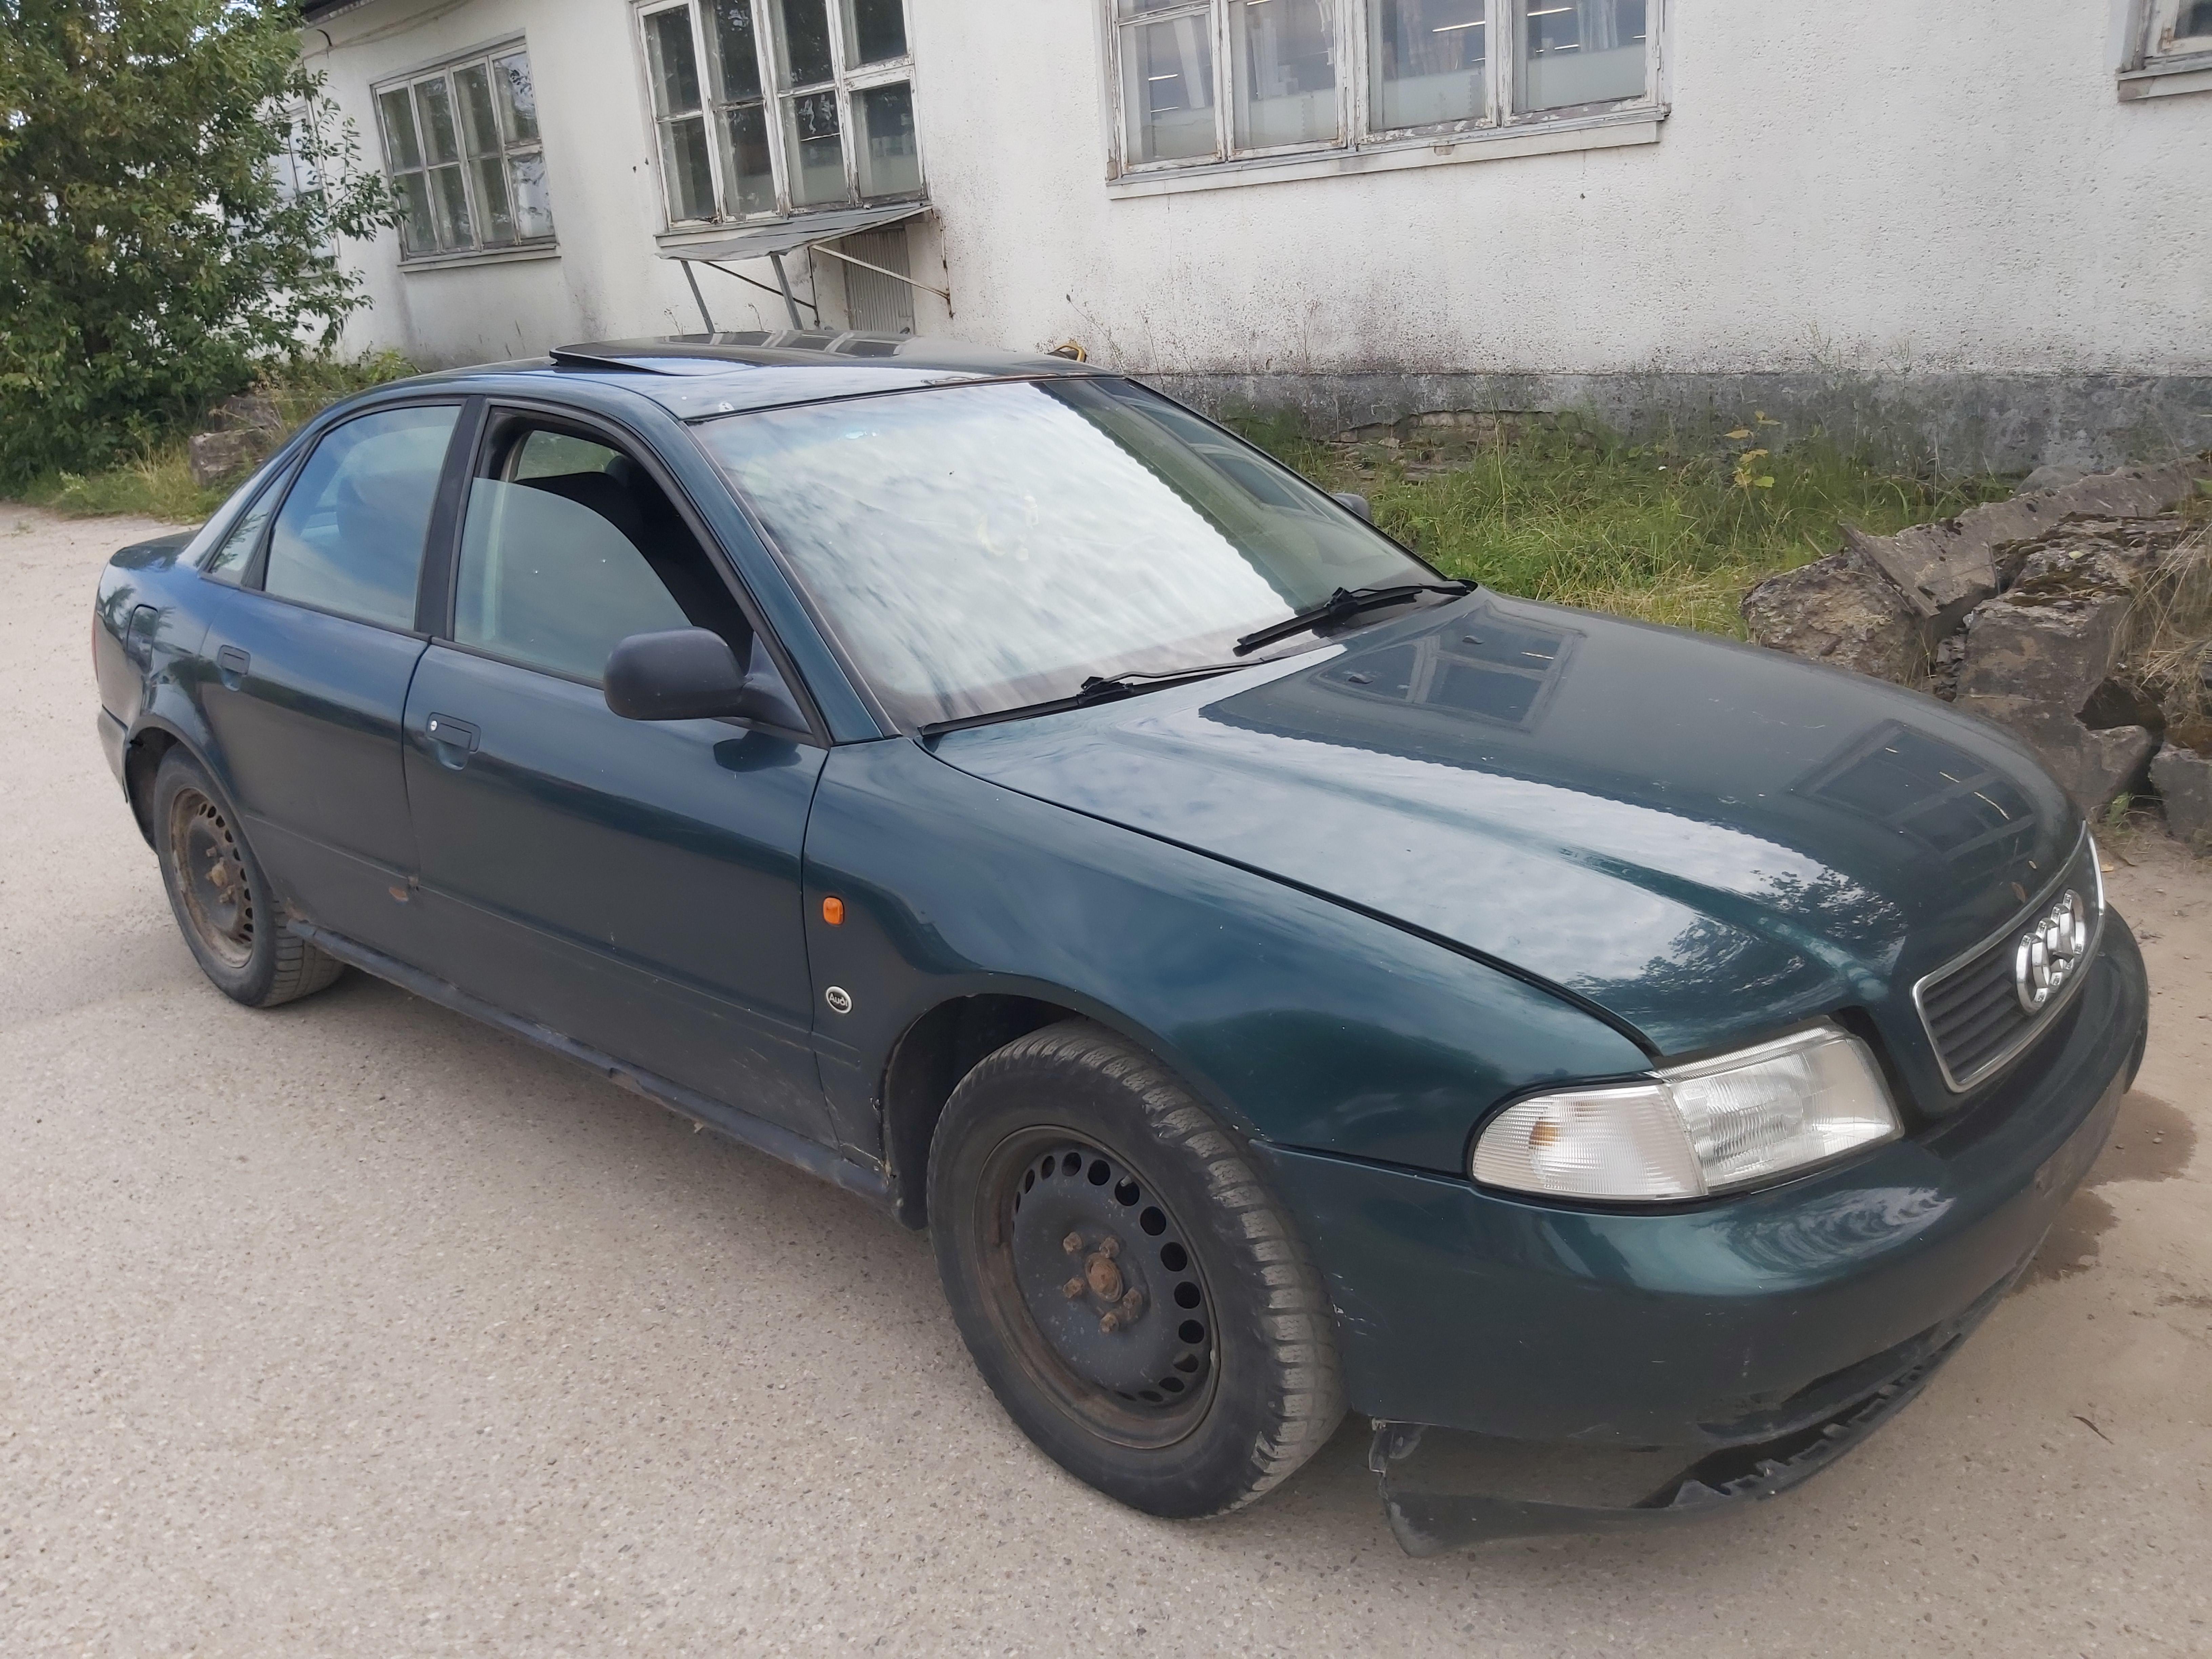 Подержанные Автозапчасти Audi A4 1996 1.8 машиностроение седан 4/5 d. зеленый 2020-8-04